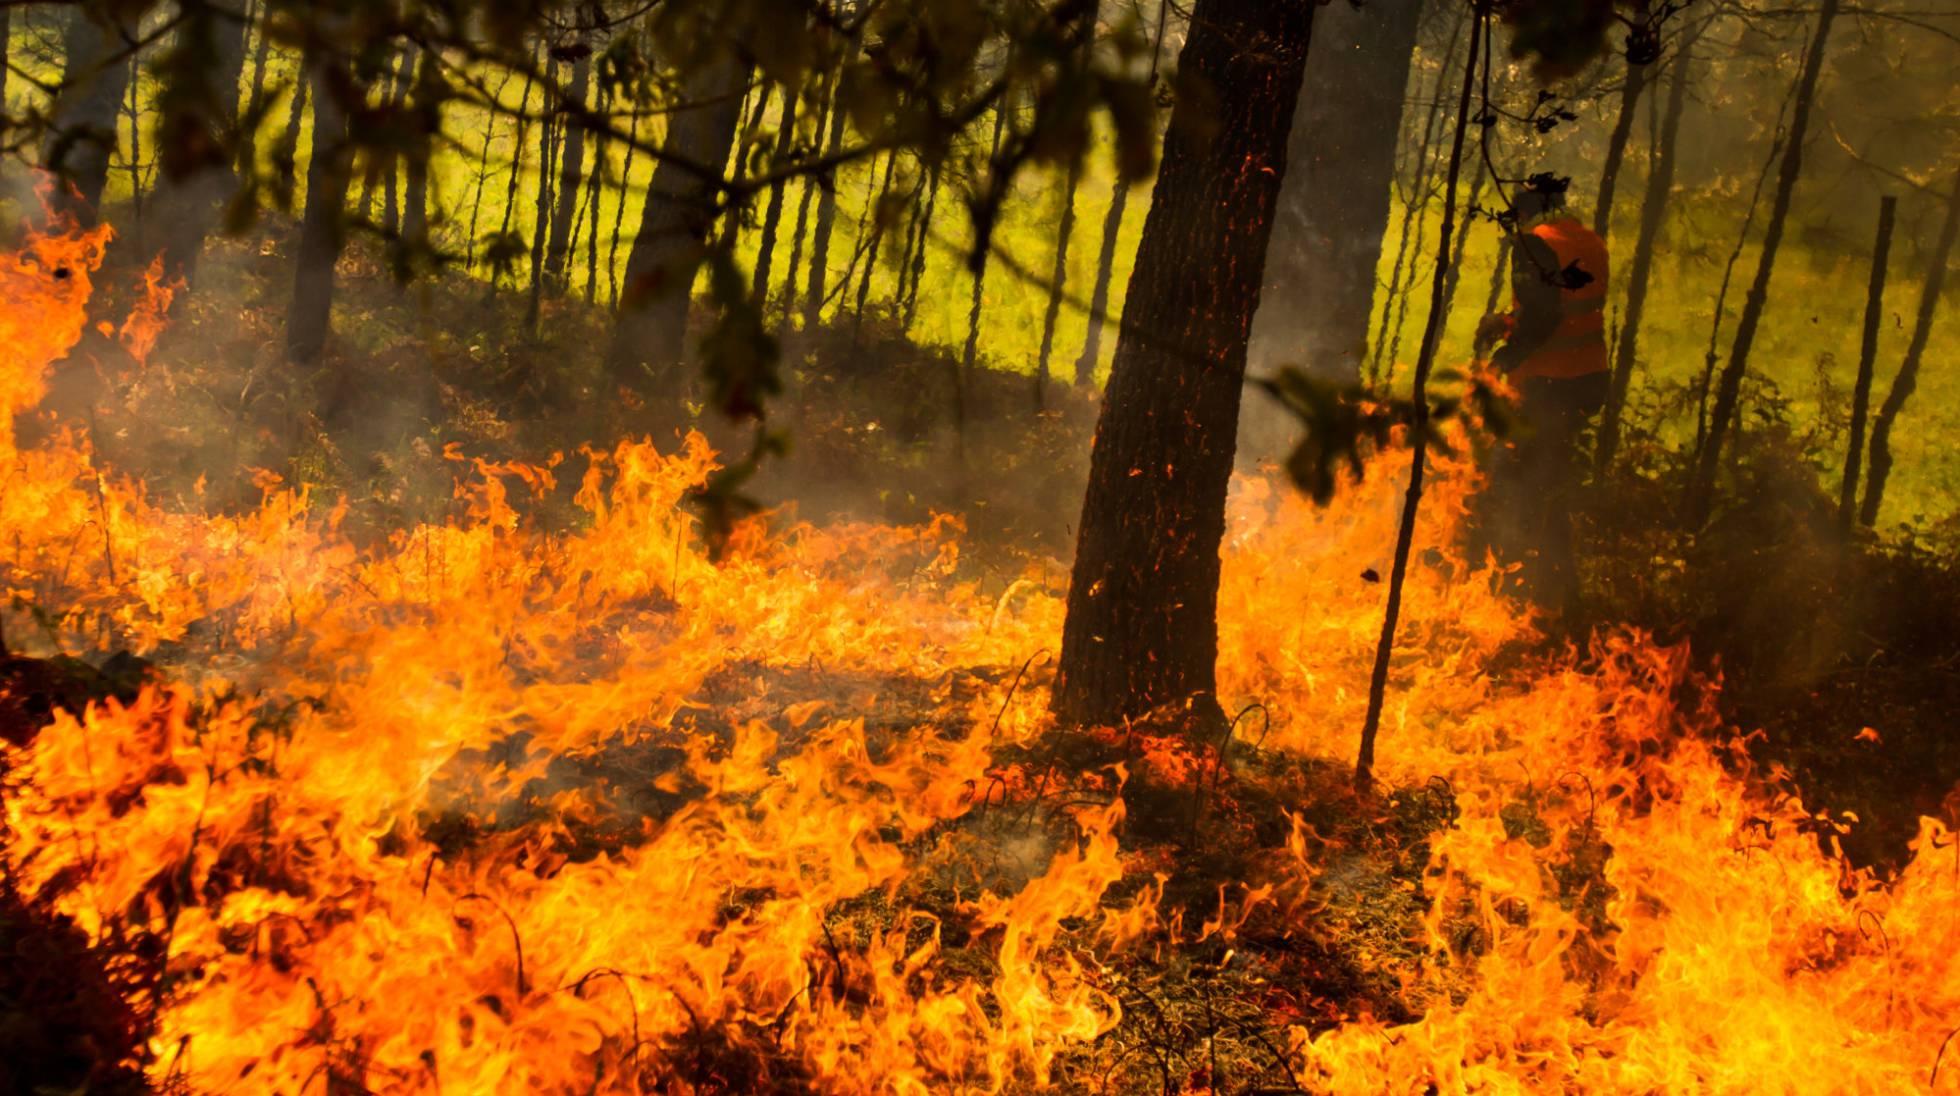 Incendio forestal en Rianxo, A Coruña.